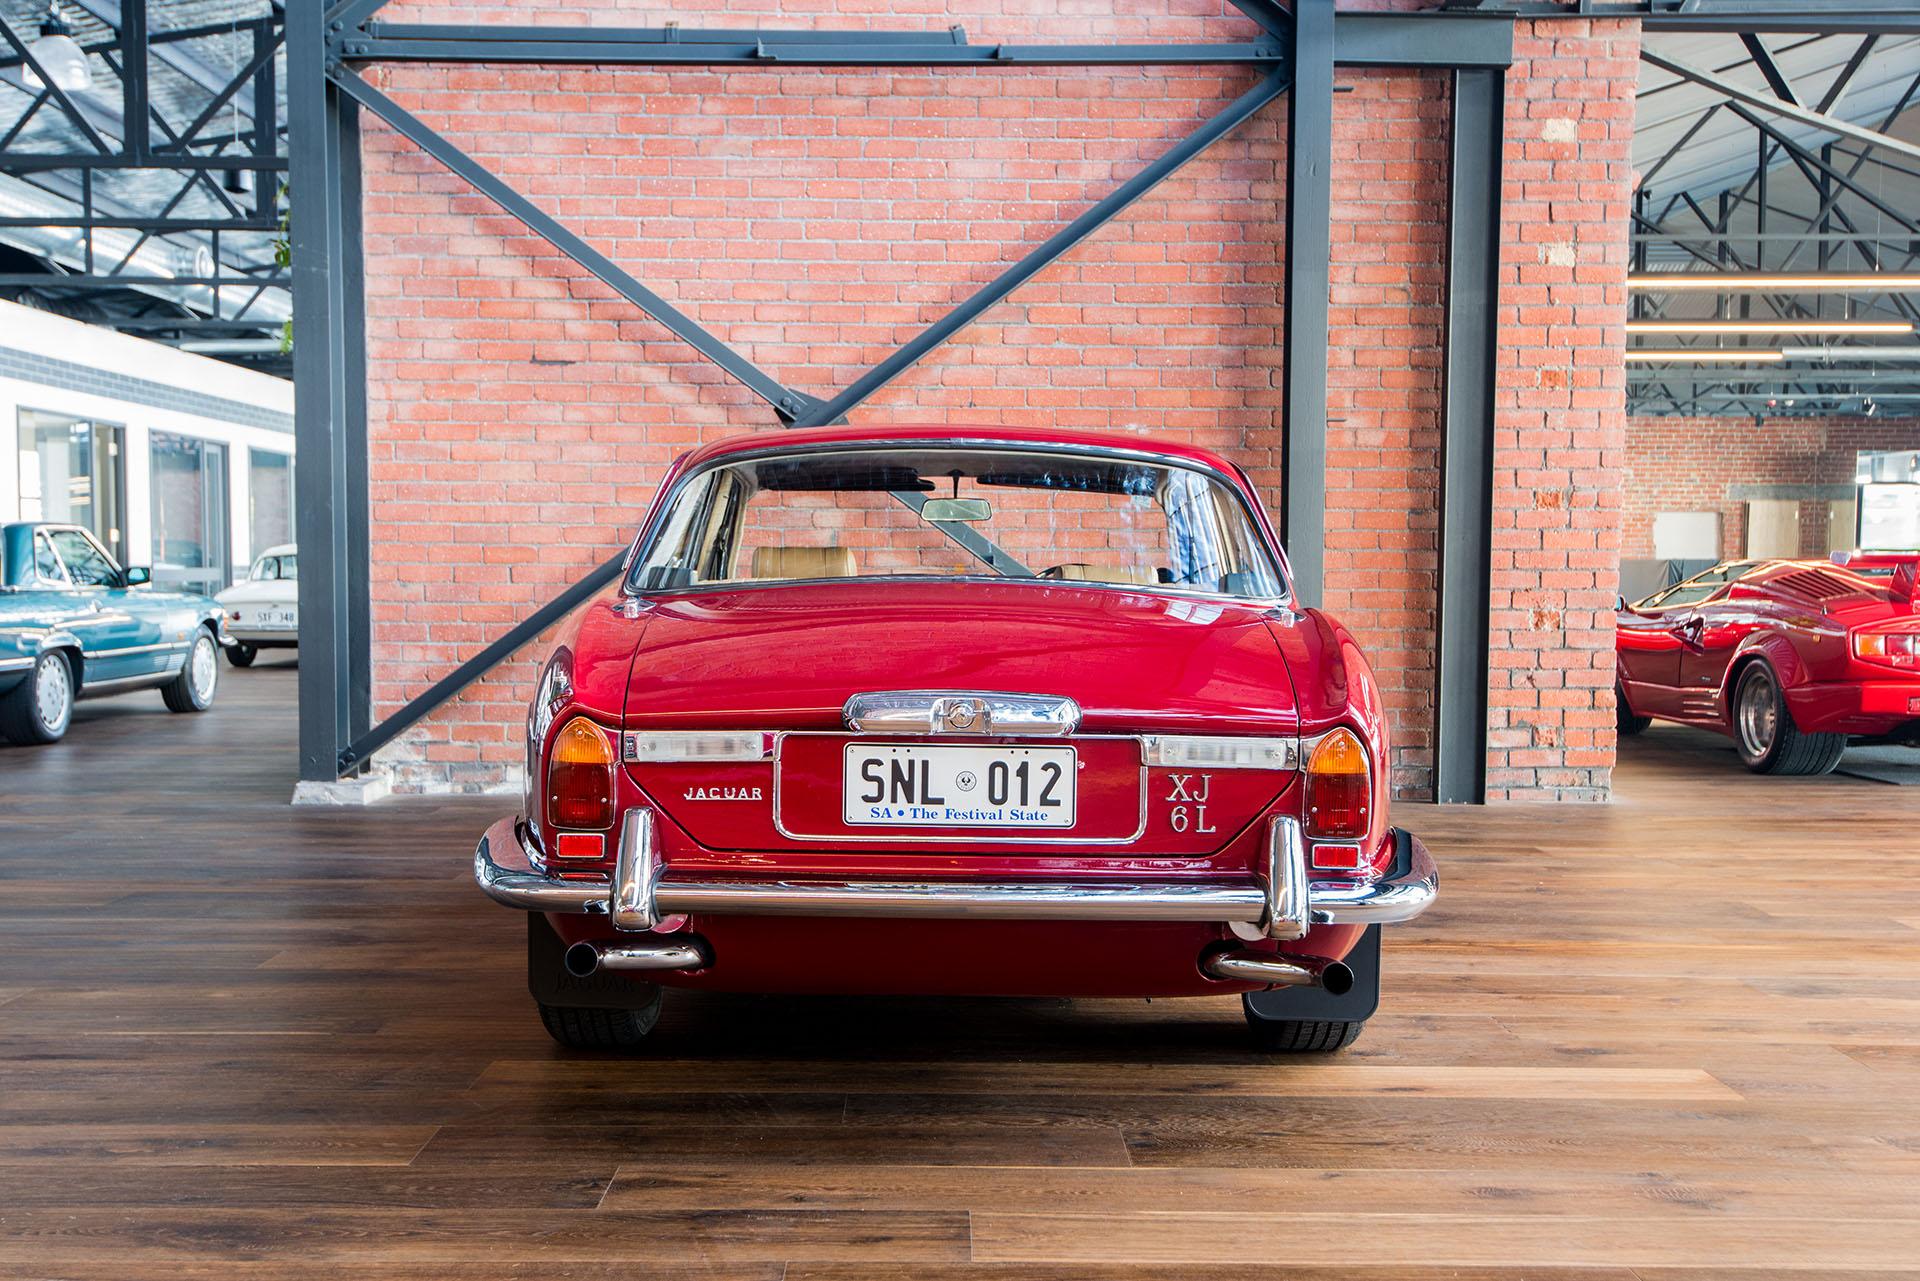 1974 Jaguar XJ6 L - Richmonds - Classic and Prestige Cars ...